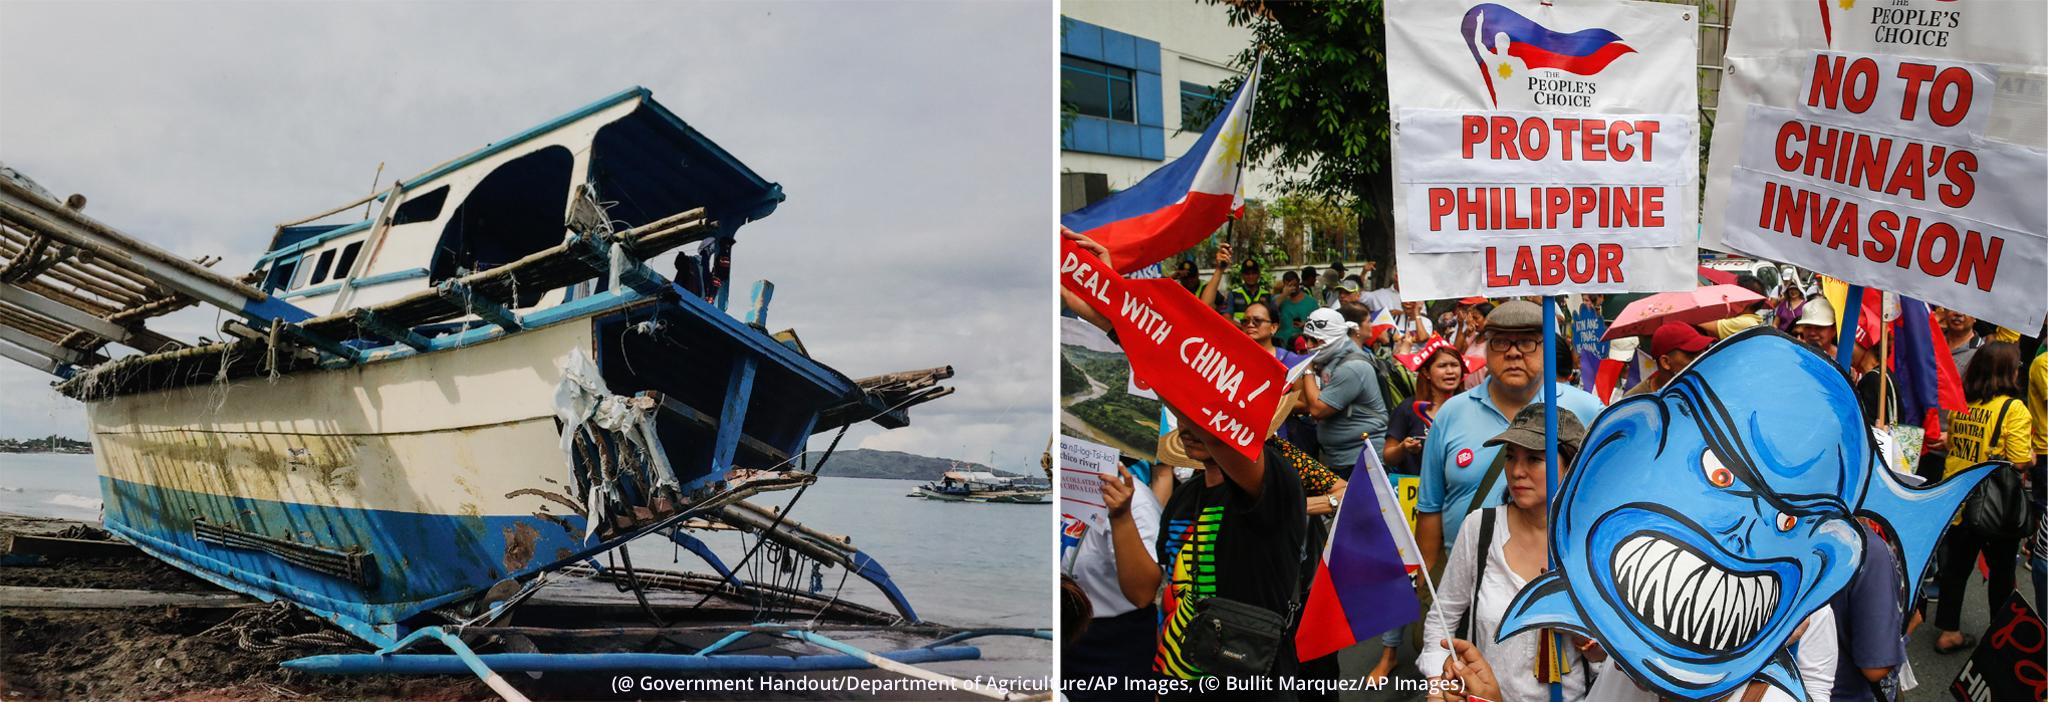 À gauche, un bateau endommagé et, à droite, un groupe de manifestants aux Philippines (© Government Handout/Department of Agriculture/AP Images, (© Bullit Marquez/AP Images)